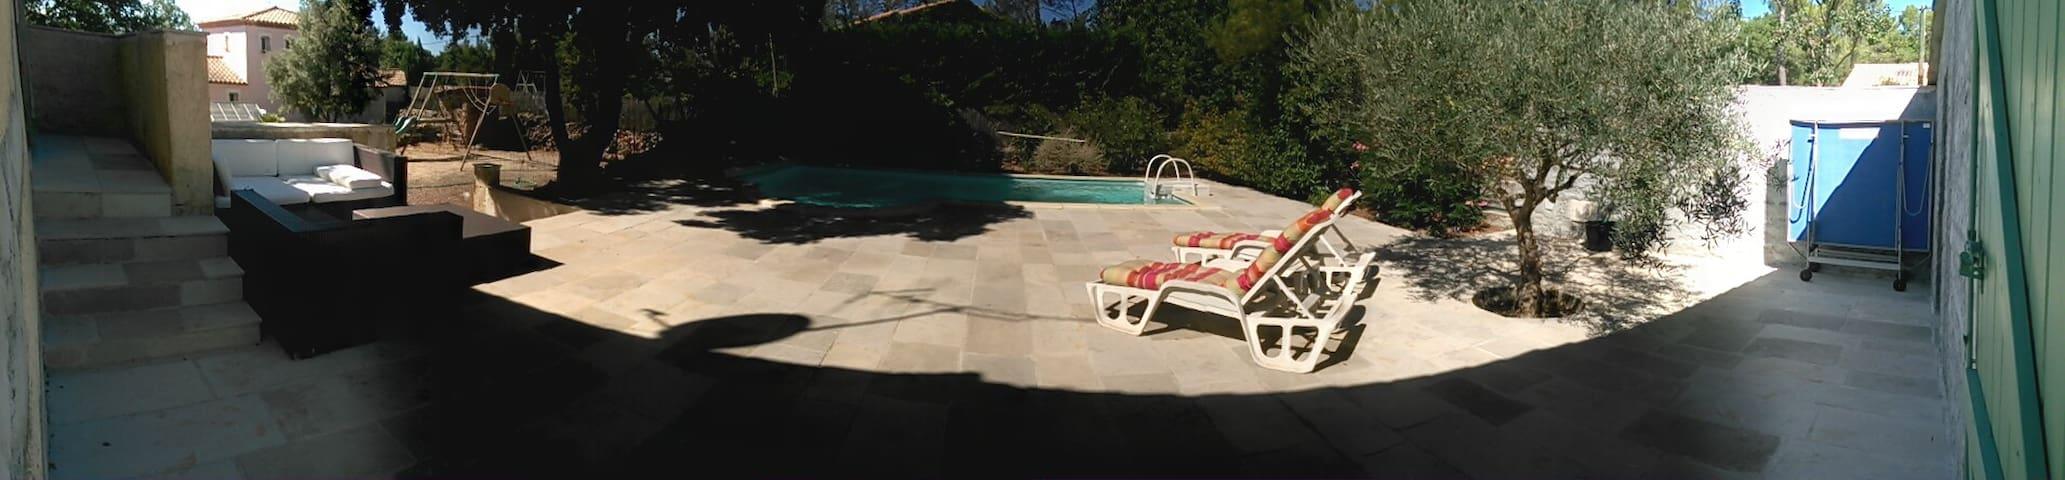 Suite parentale dans villa calme - Garéoult